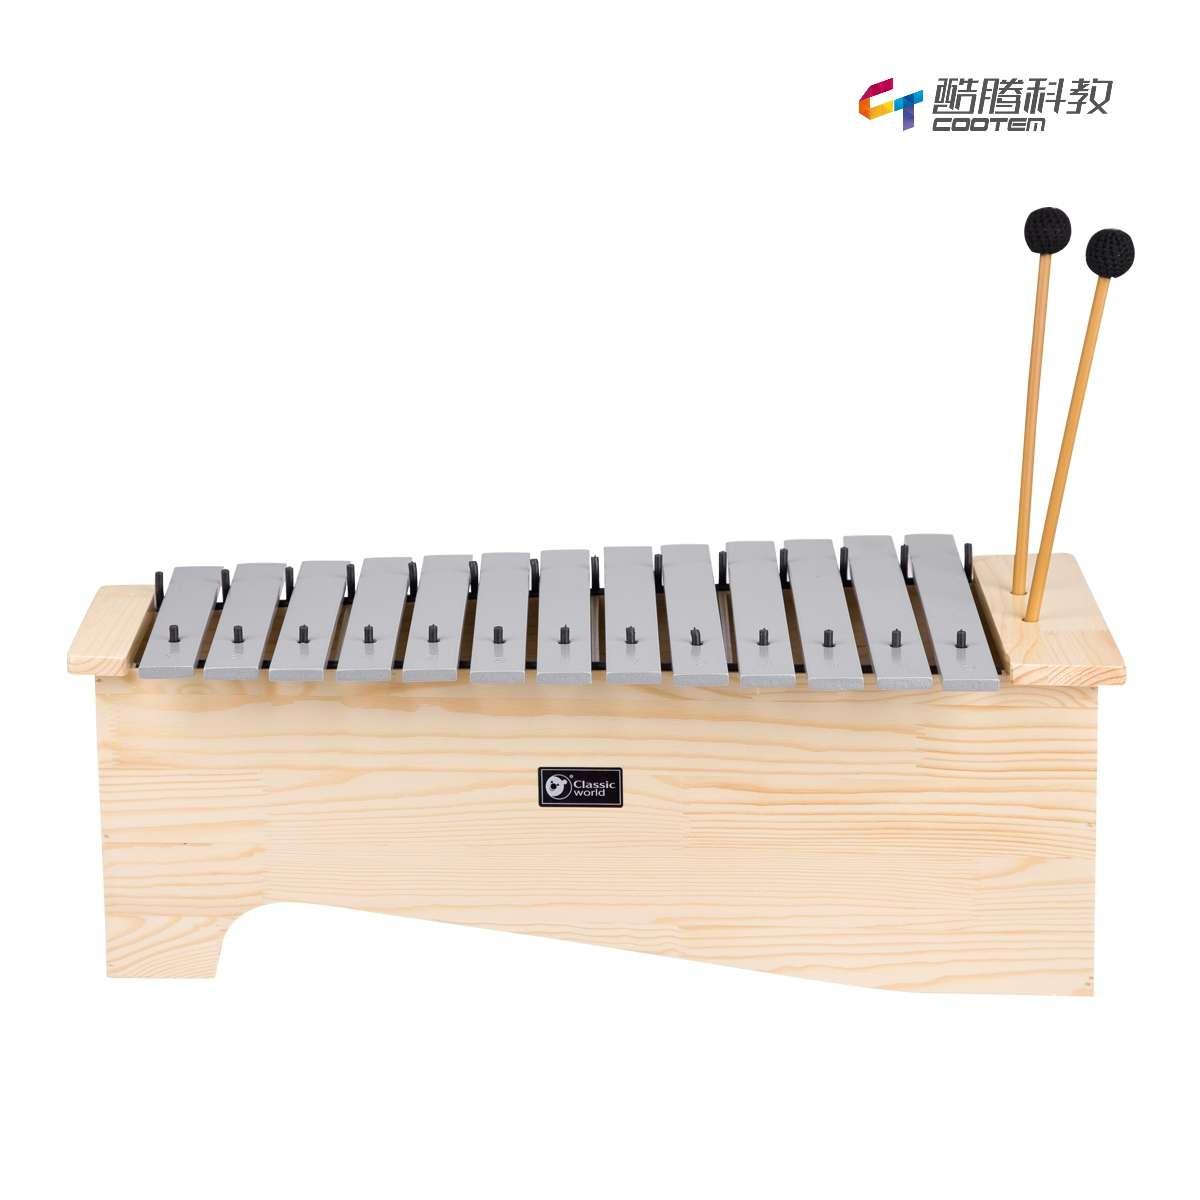 中音铝箱体琴C4-A5